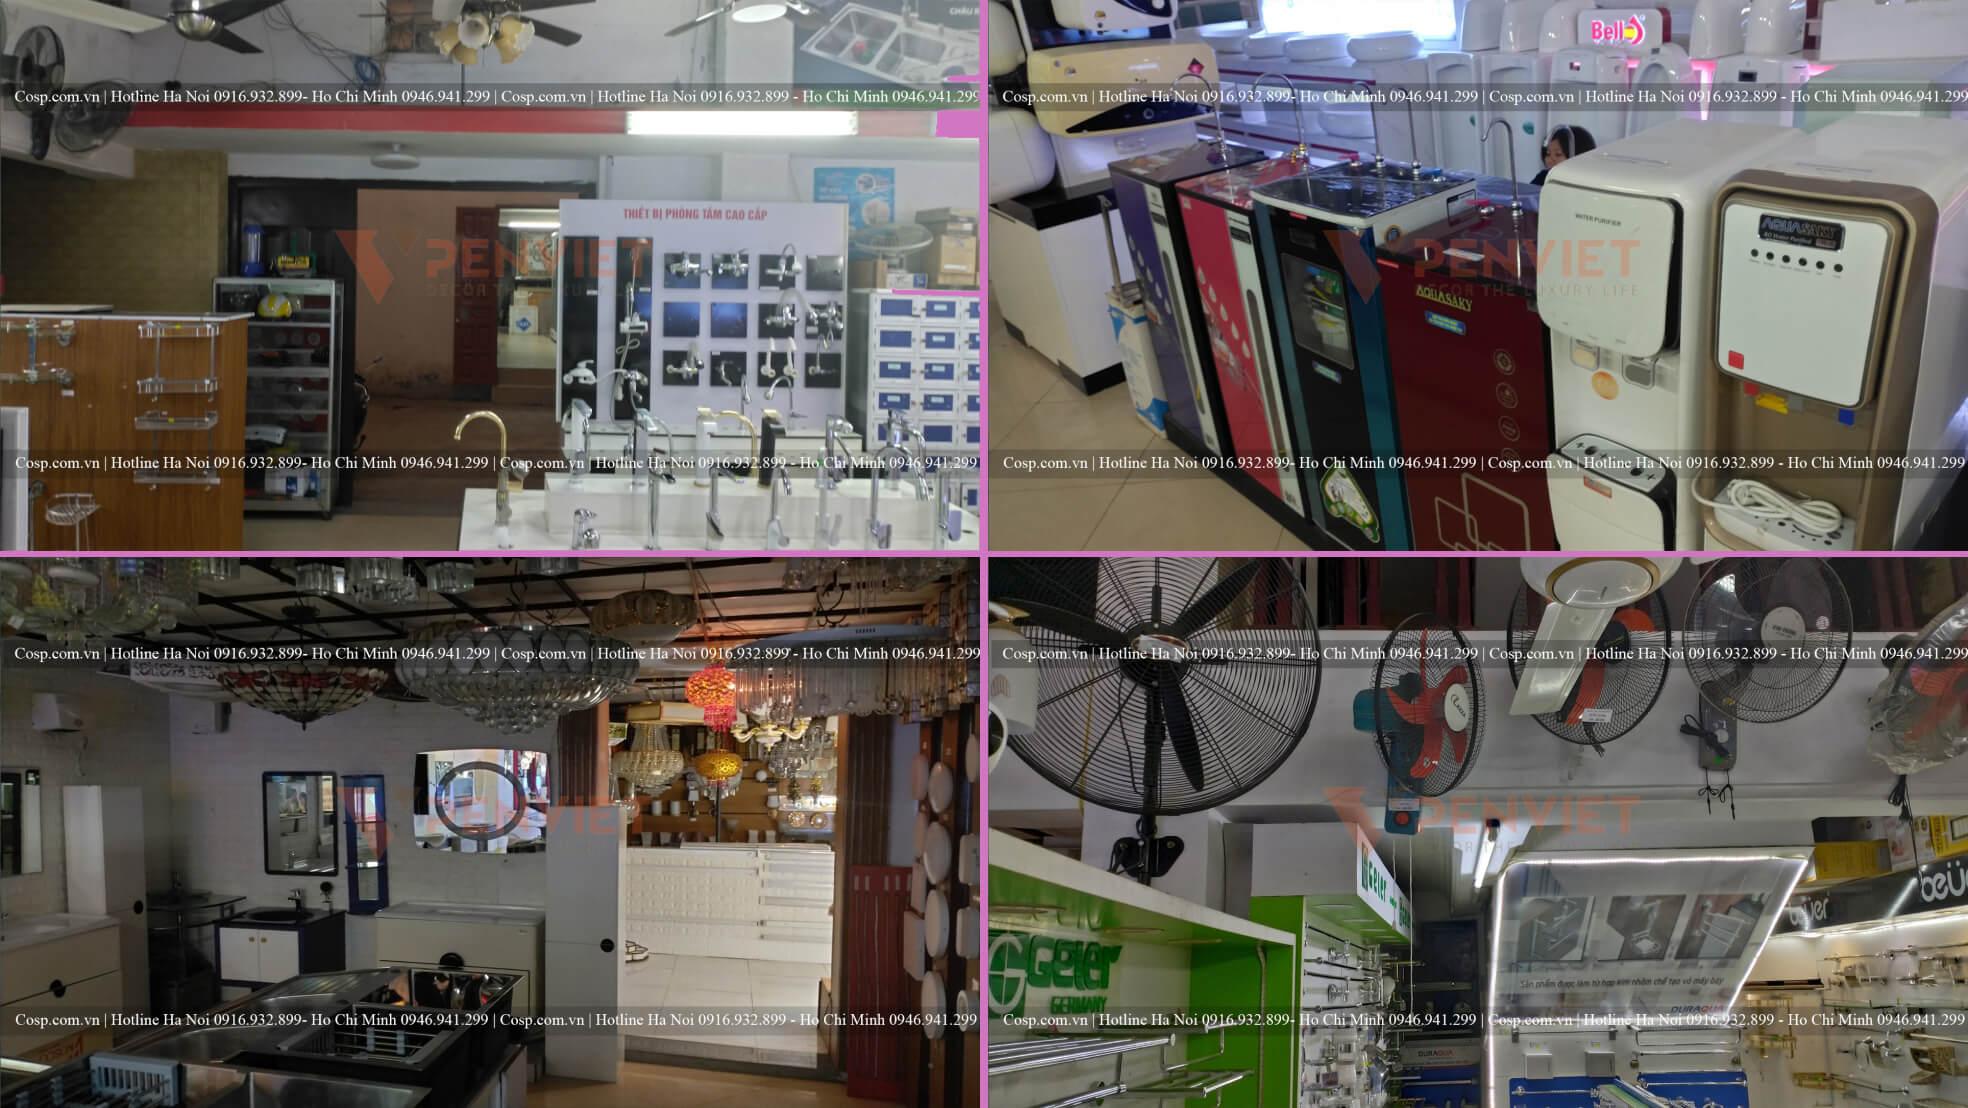 Hình ảnh thực tế của cửa hàng TBVS Cường Lan trước khi thiết kế, thi công